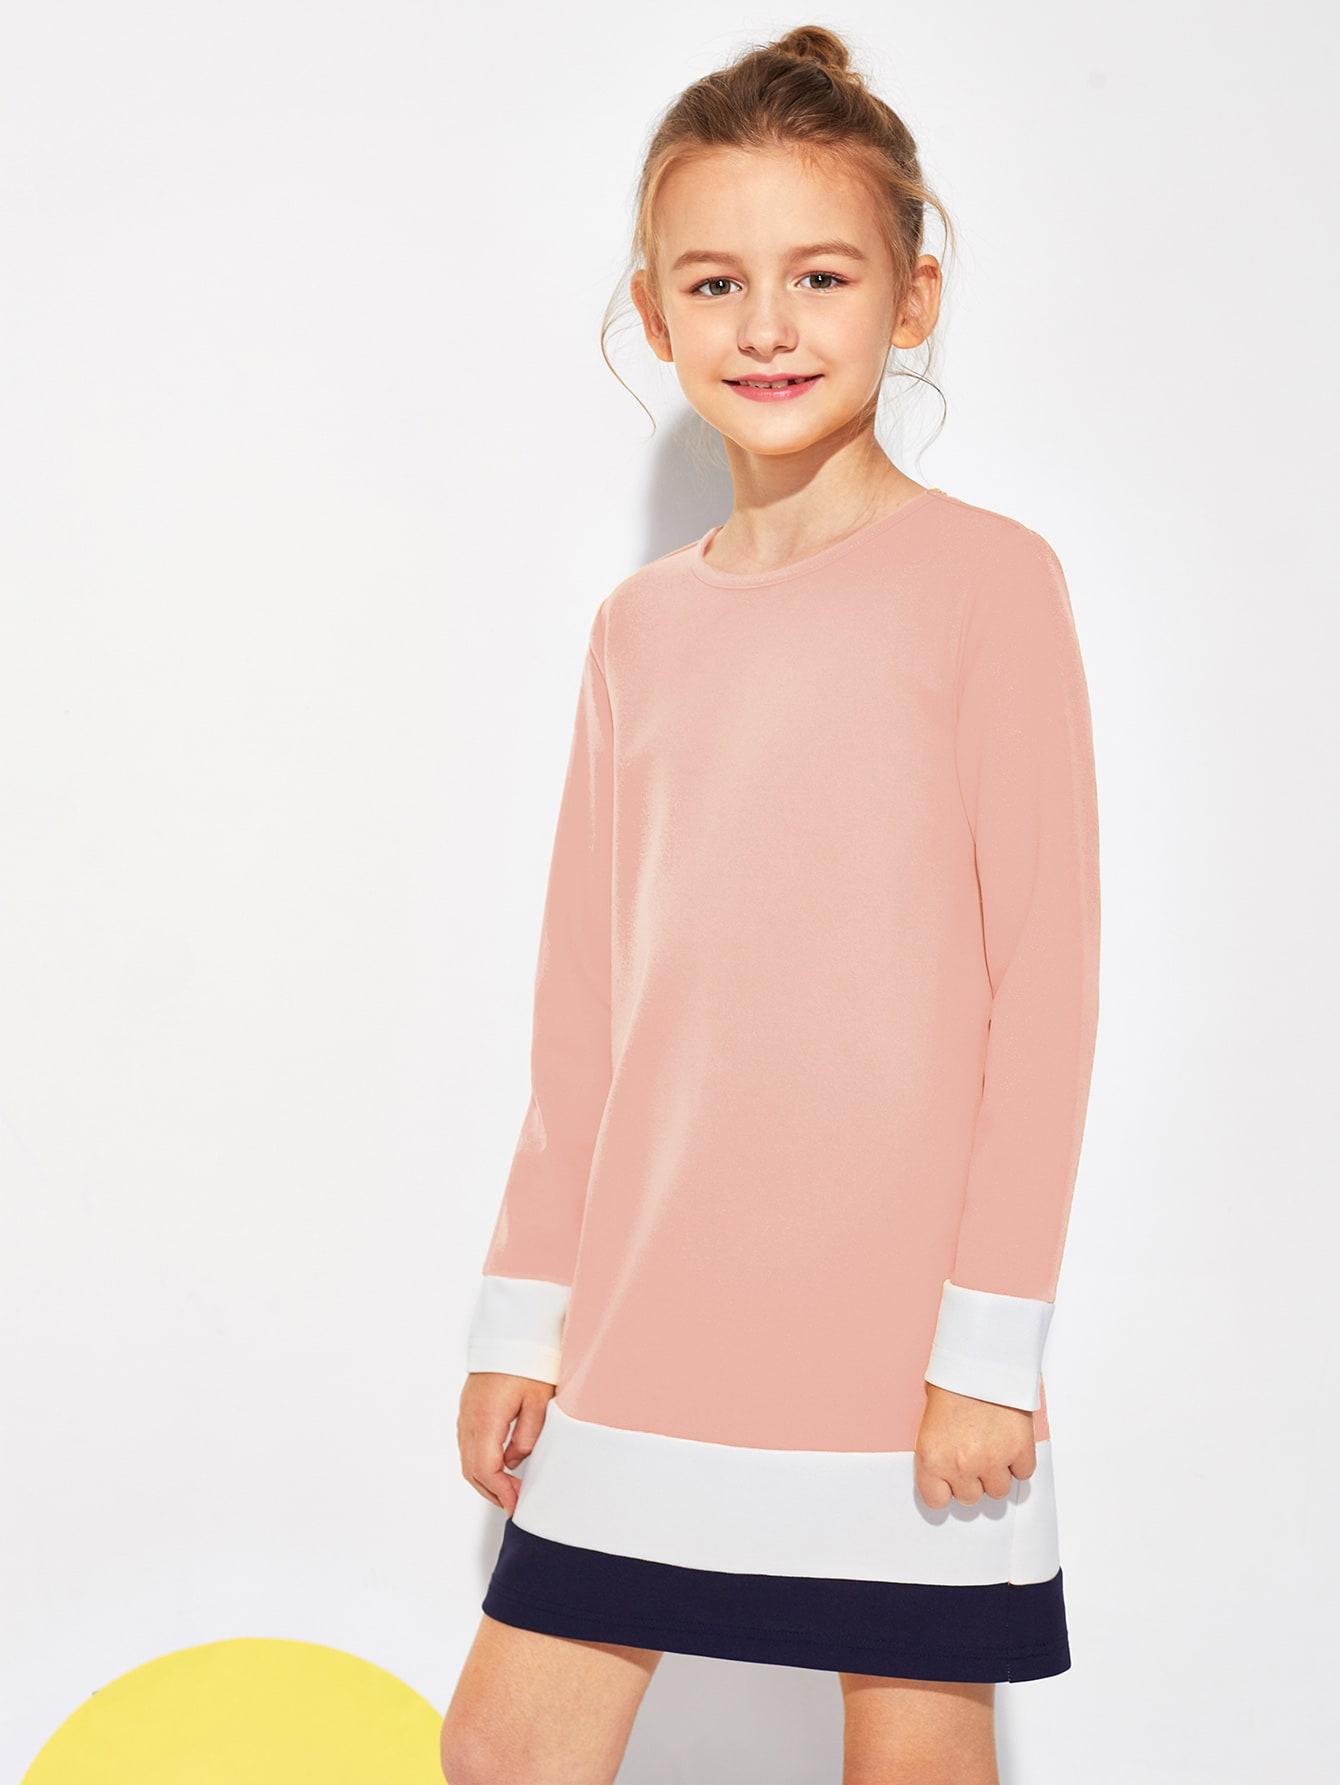 Купить Контрастное платье для девочек, Sashab, SheIn